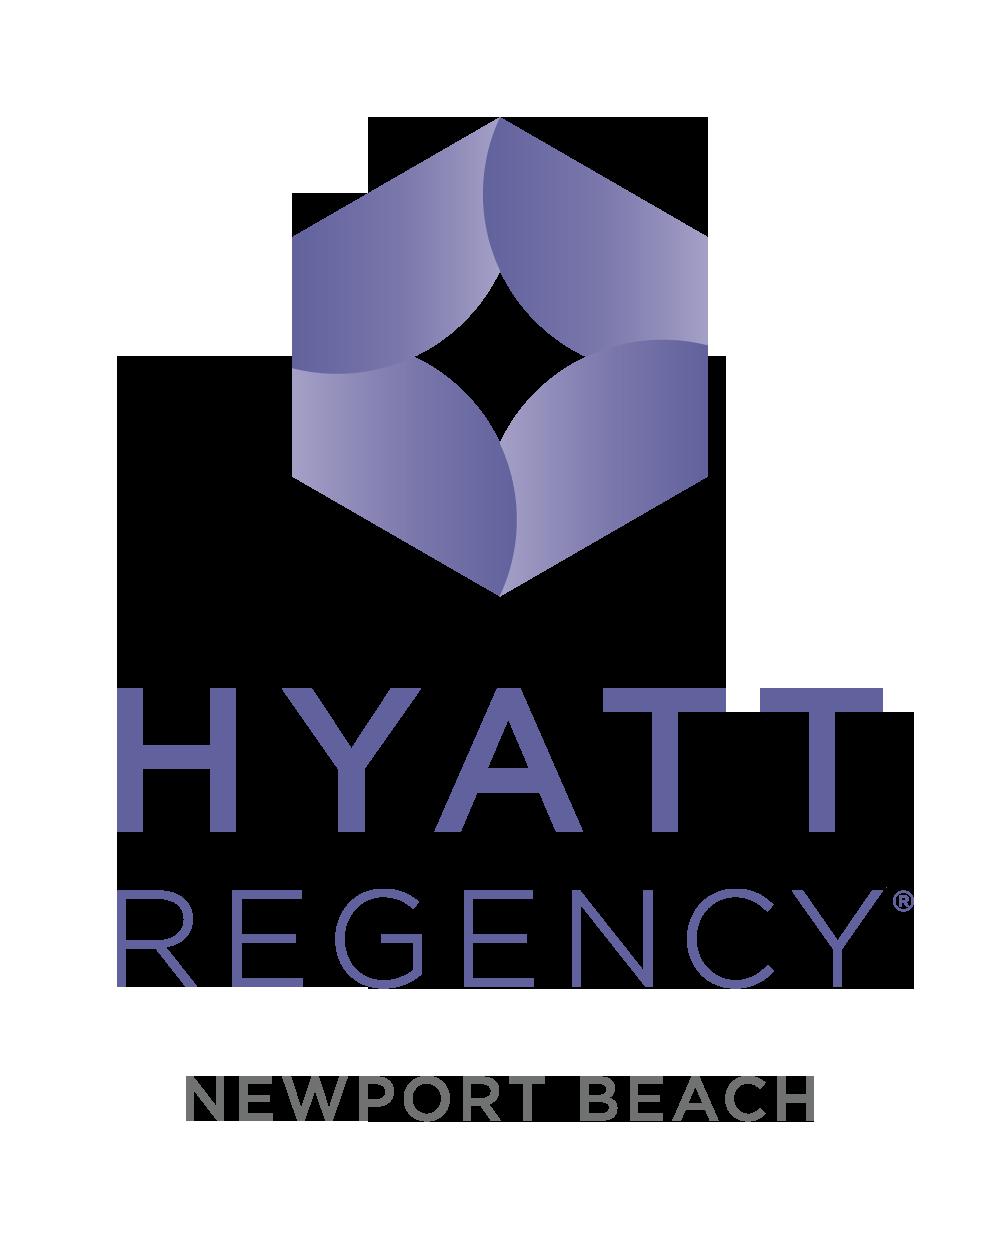 Hyatt Regency Newport Beach logo